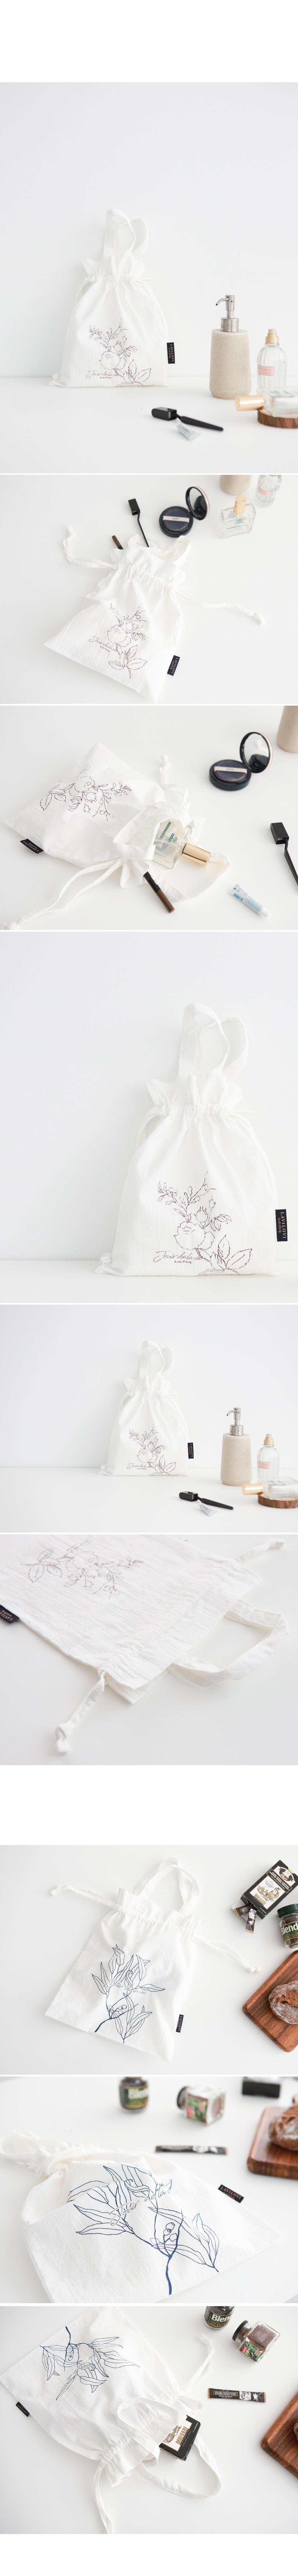 플랜트 스트링 파우치겸 미니백 가방 (3종) - 라비로비, 11,000원, 다용도파우치, 끈/주머니형